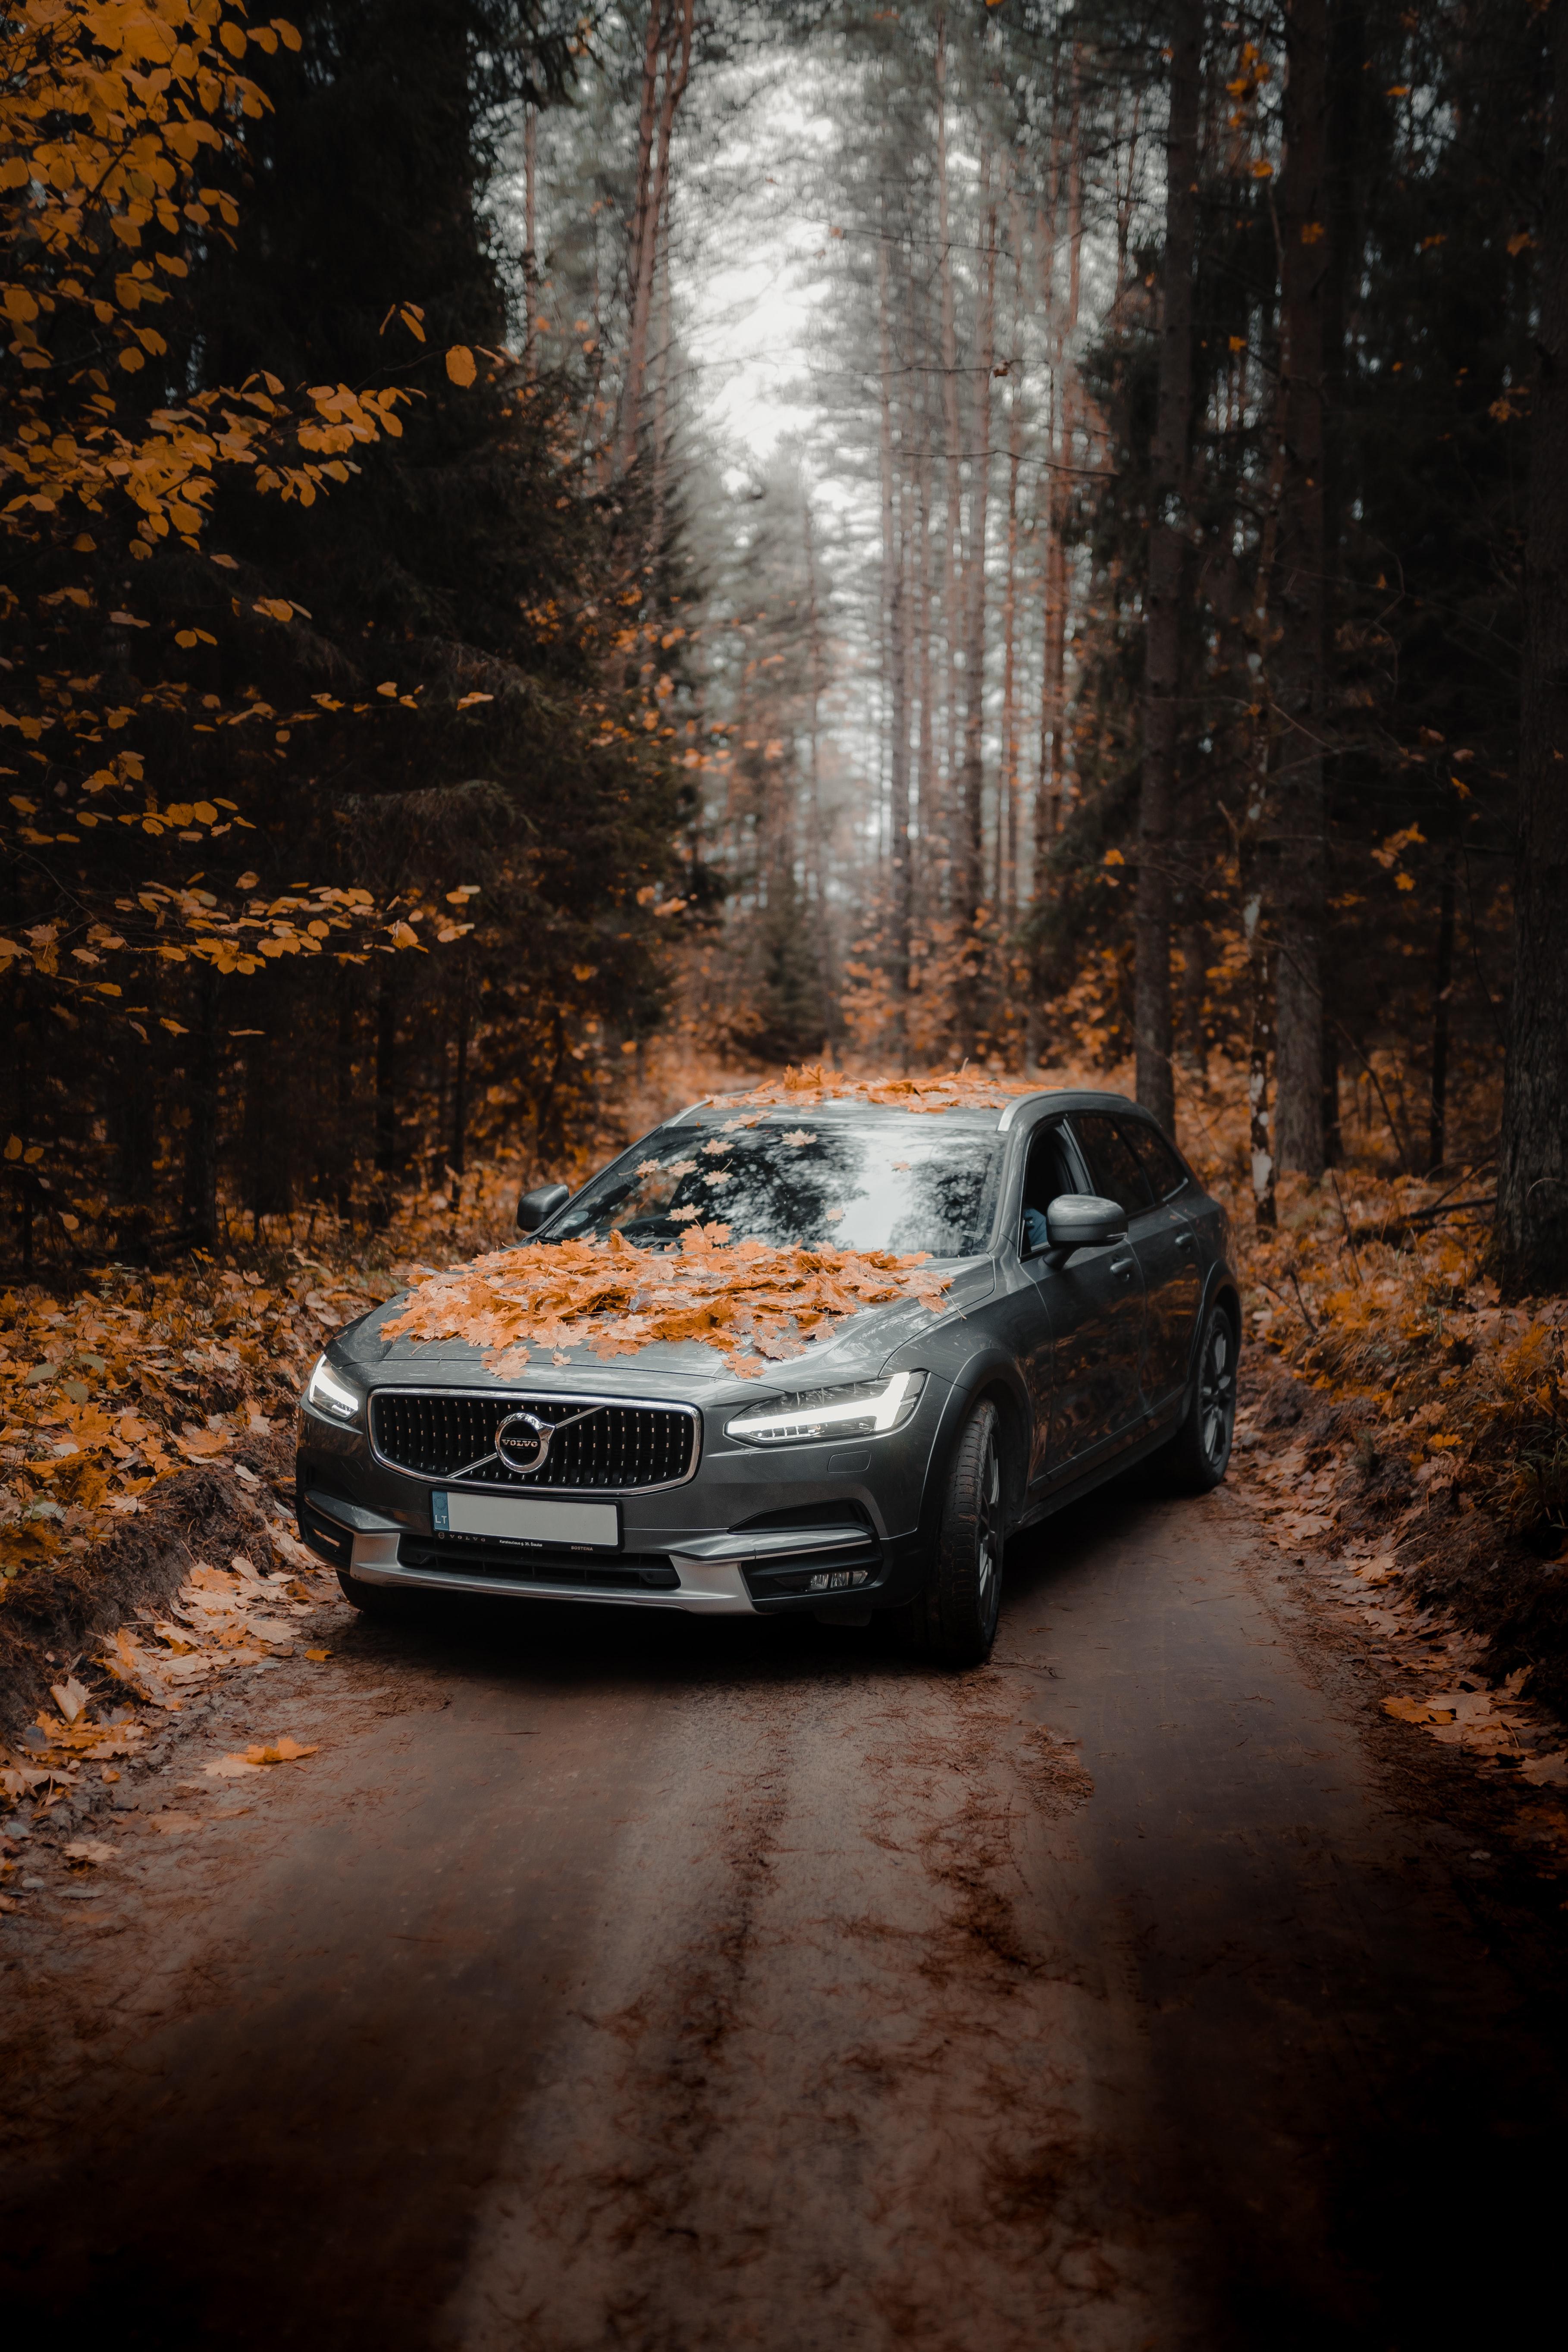 55508 скачать обои Вольво (Volvo), Автомобиль, Осень, Тачки (Cars), Лес, Серый - заставки и картинки бесплатно